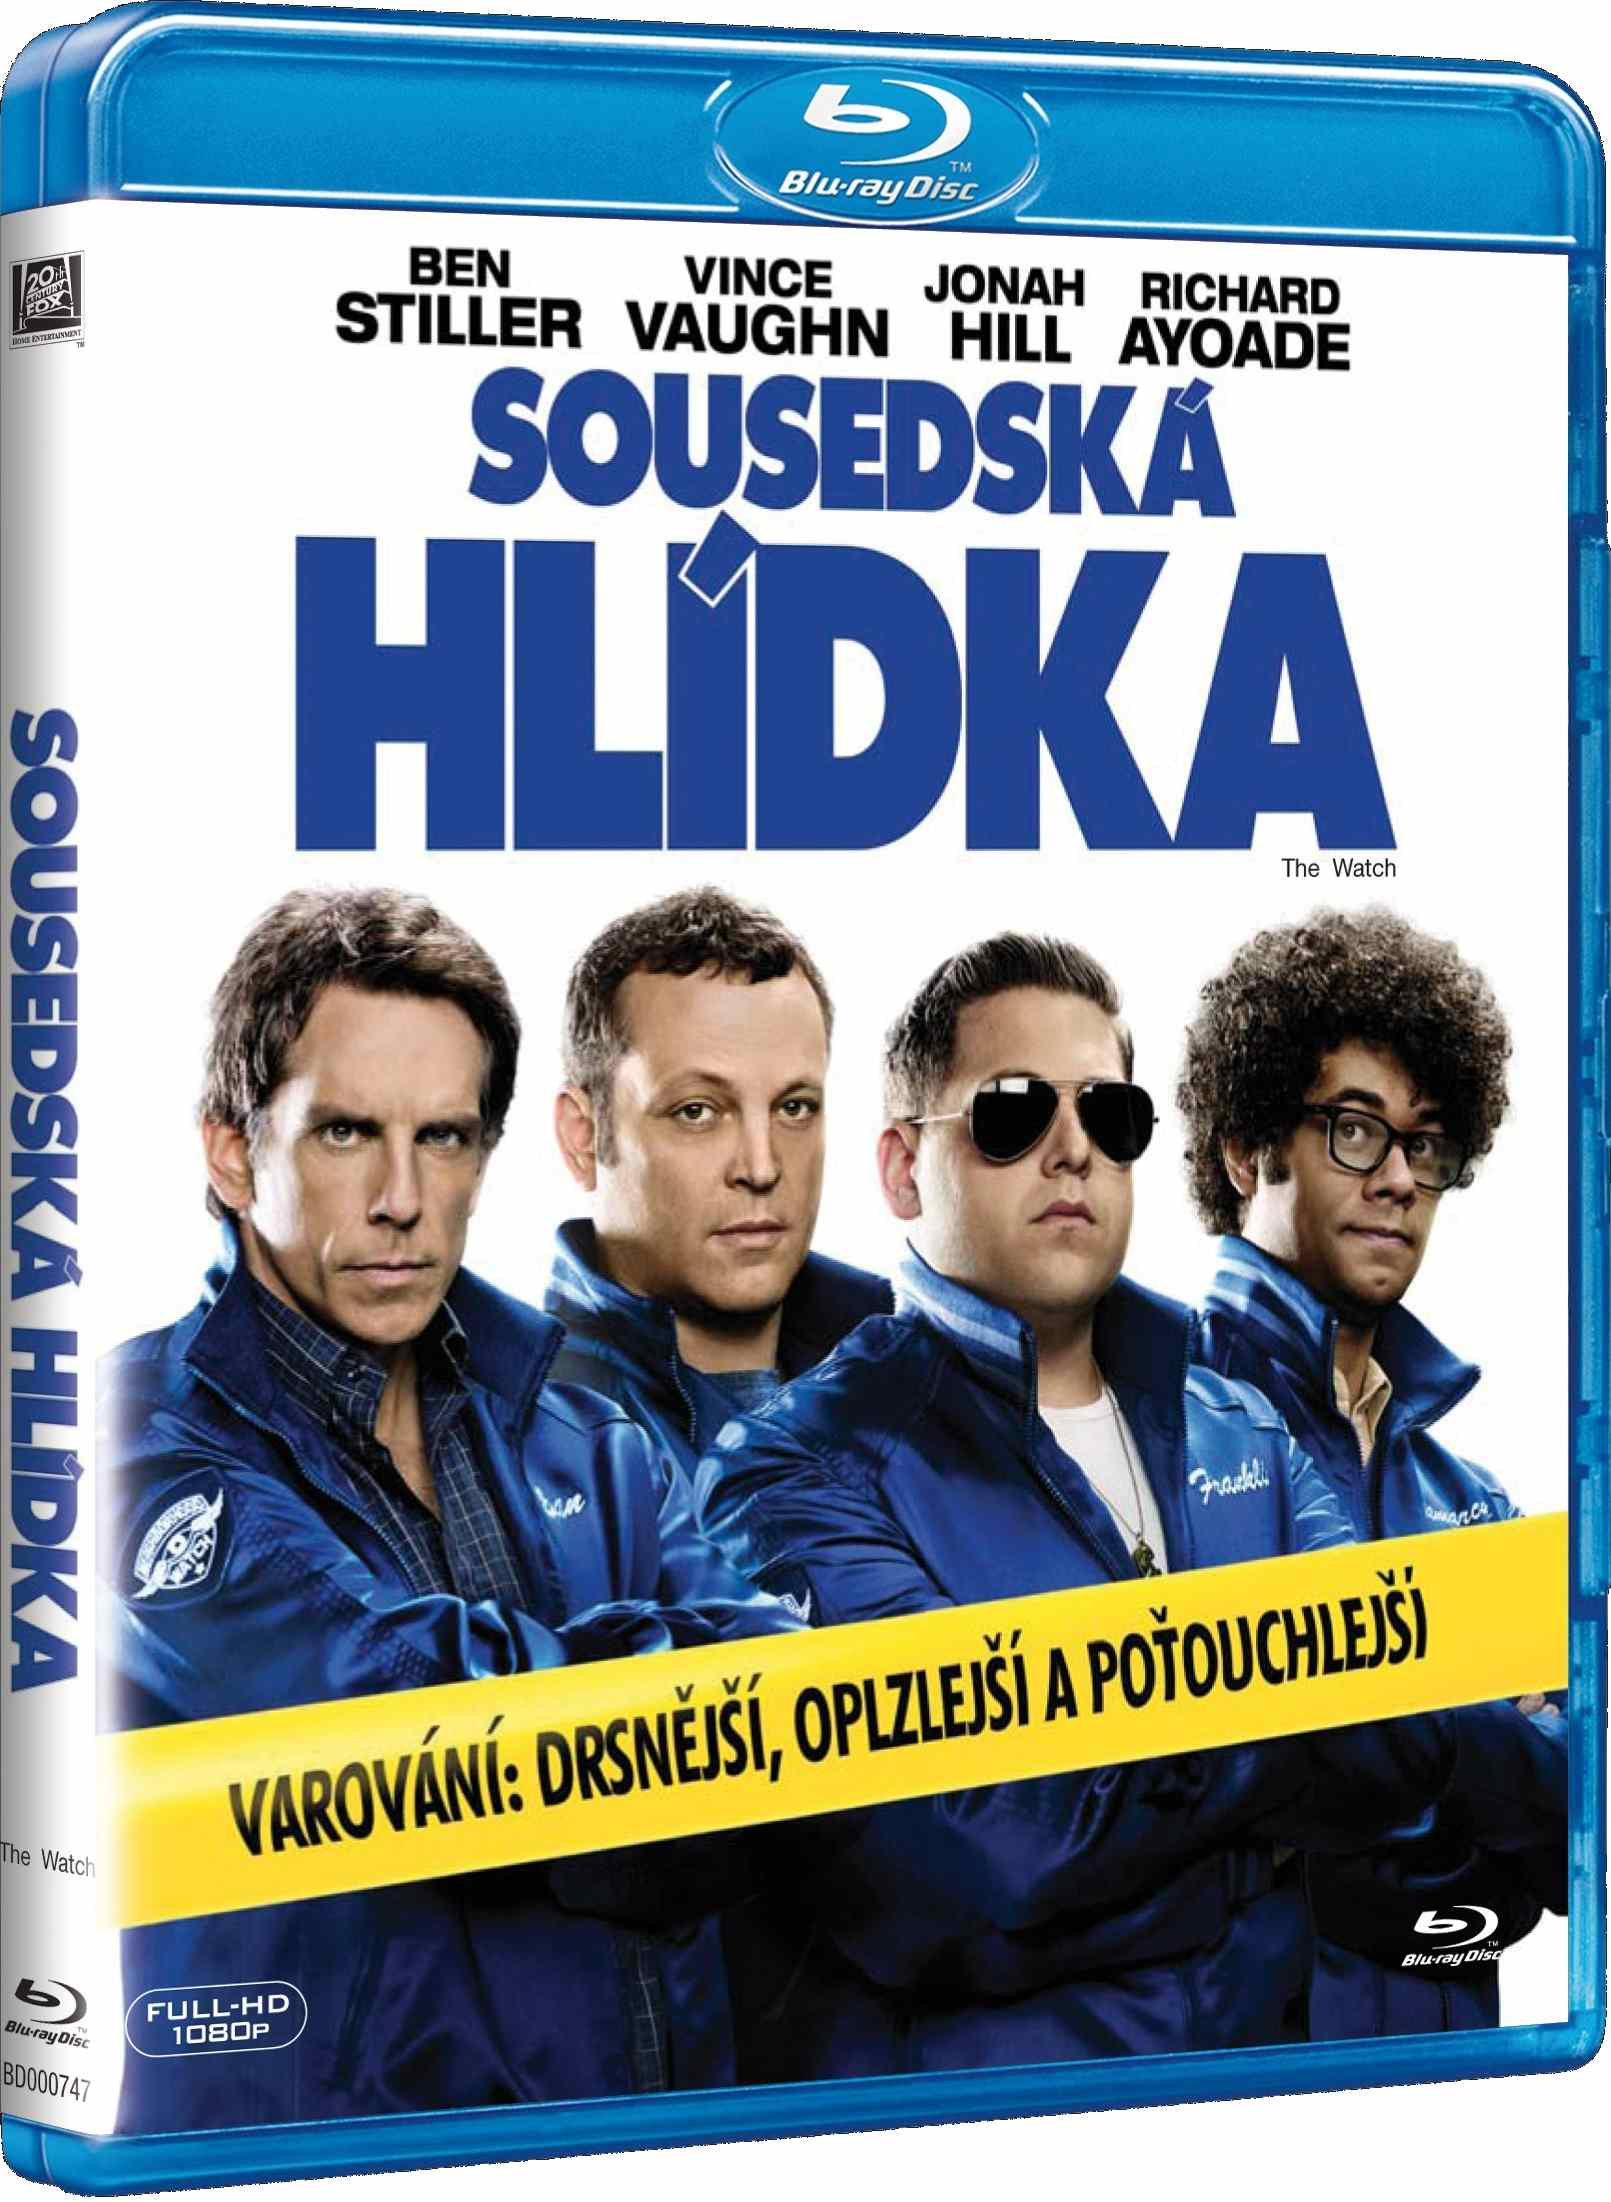 SOUSEDSKÁ HLÍDKA - Blu-ray